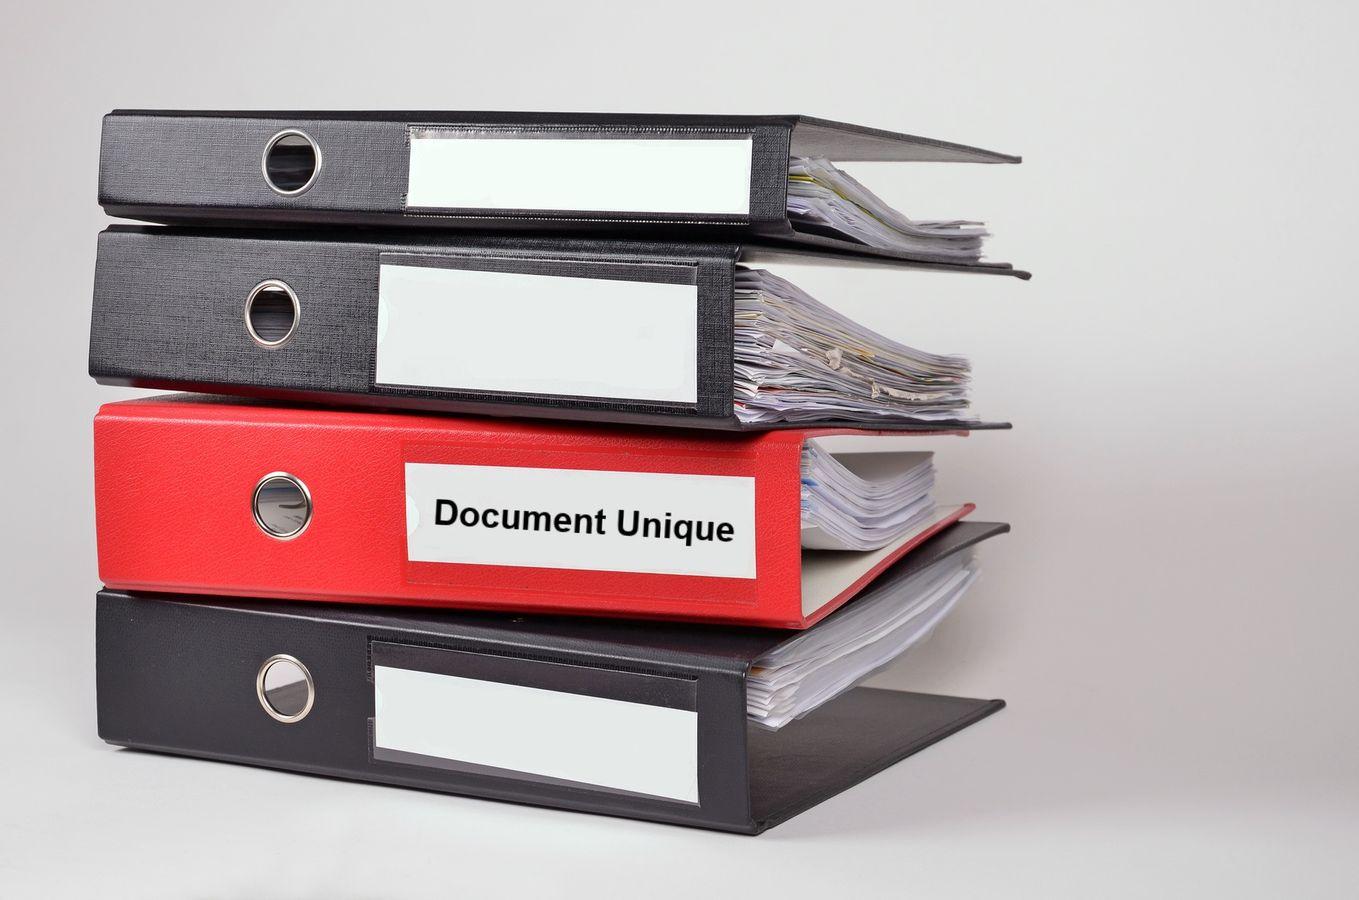 Le Document Unique : au delà de l'obligation, les enjeux pour les collectivités